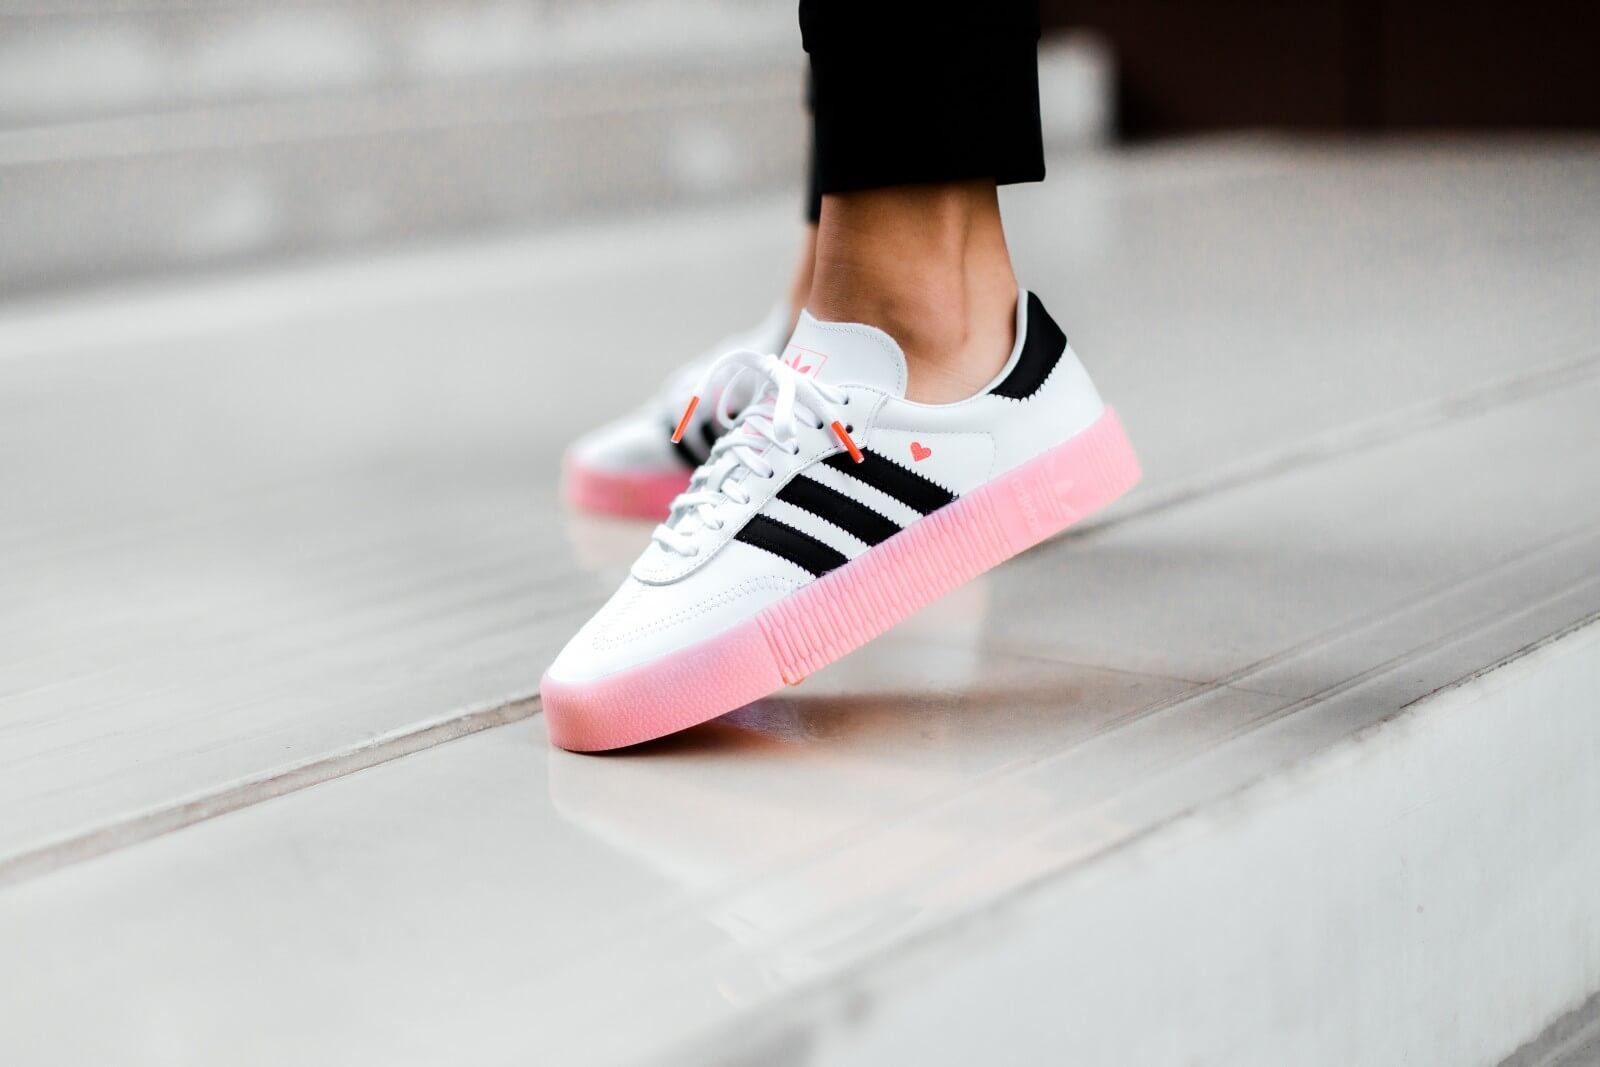 Adidas Women's Sambarose Footwear White/Core Black-Glow Pink